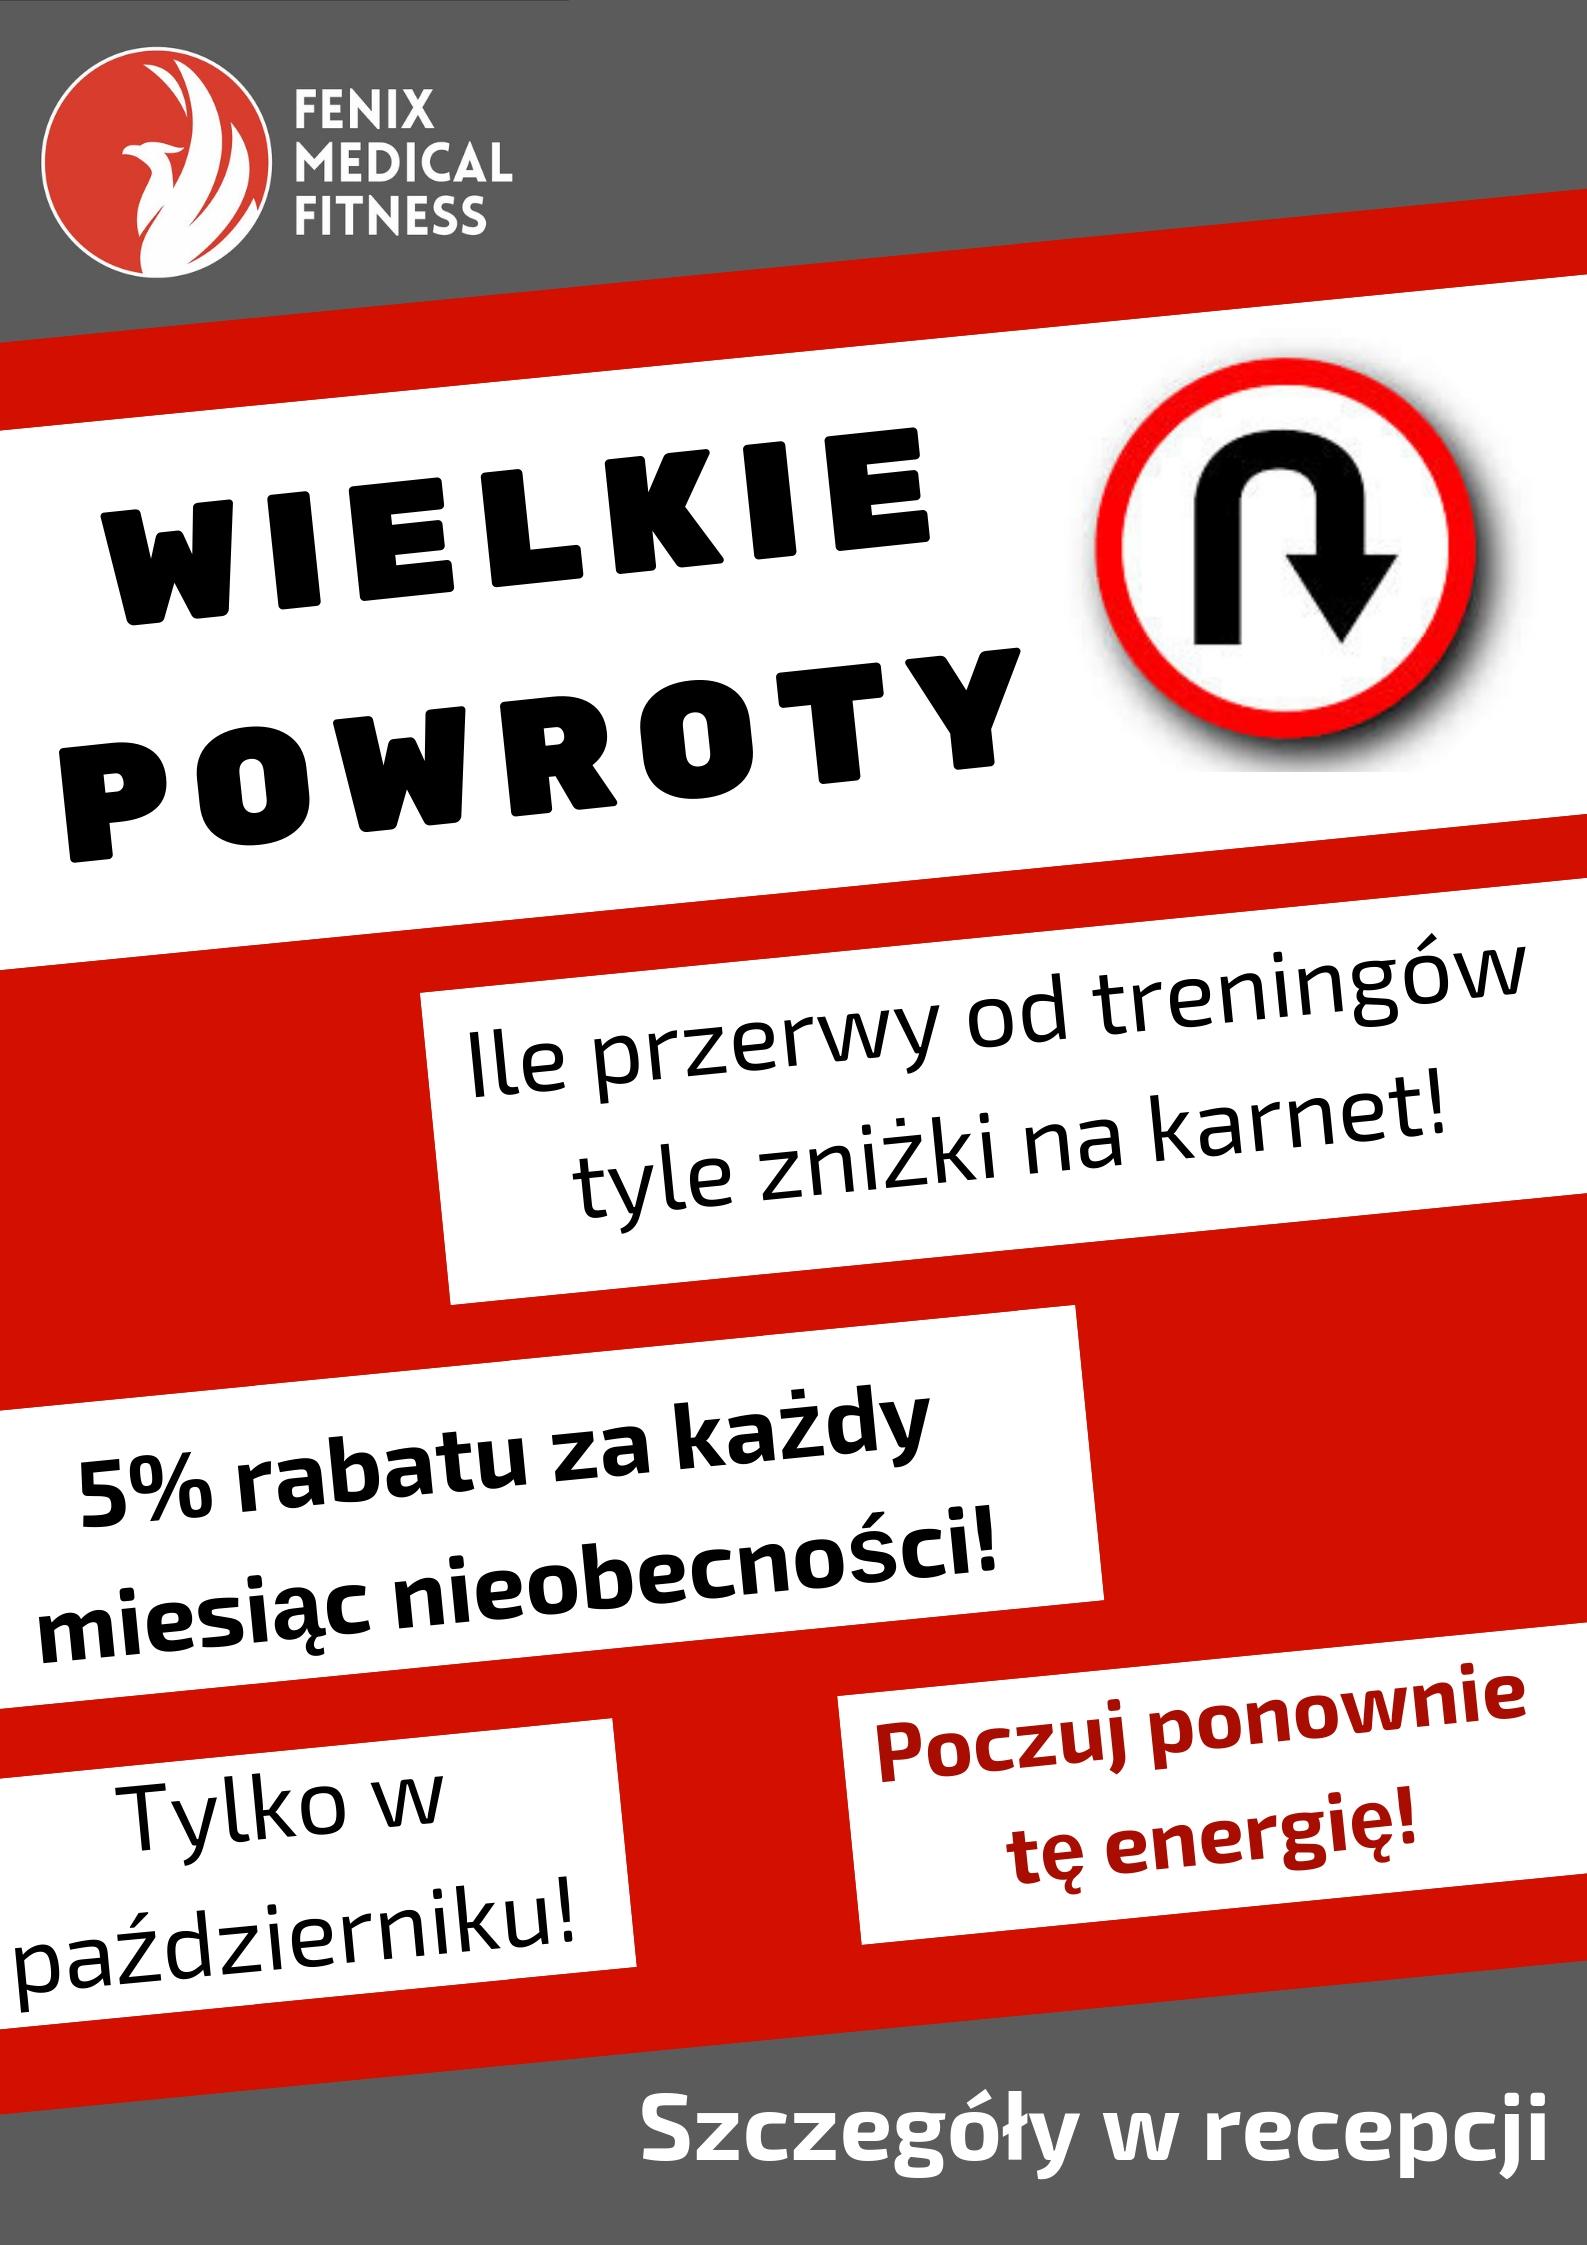 WIELKIE-POWROTY